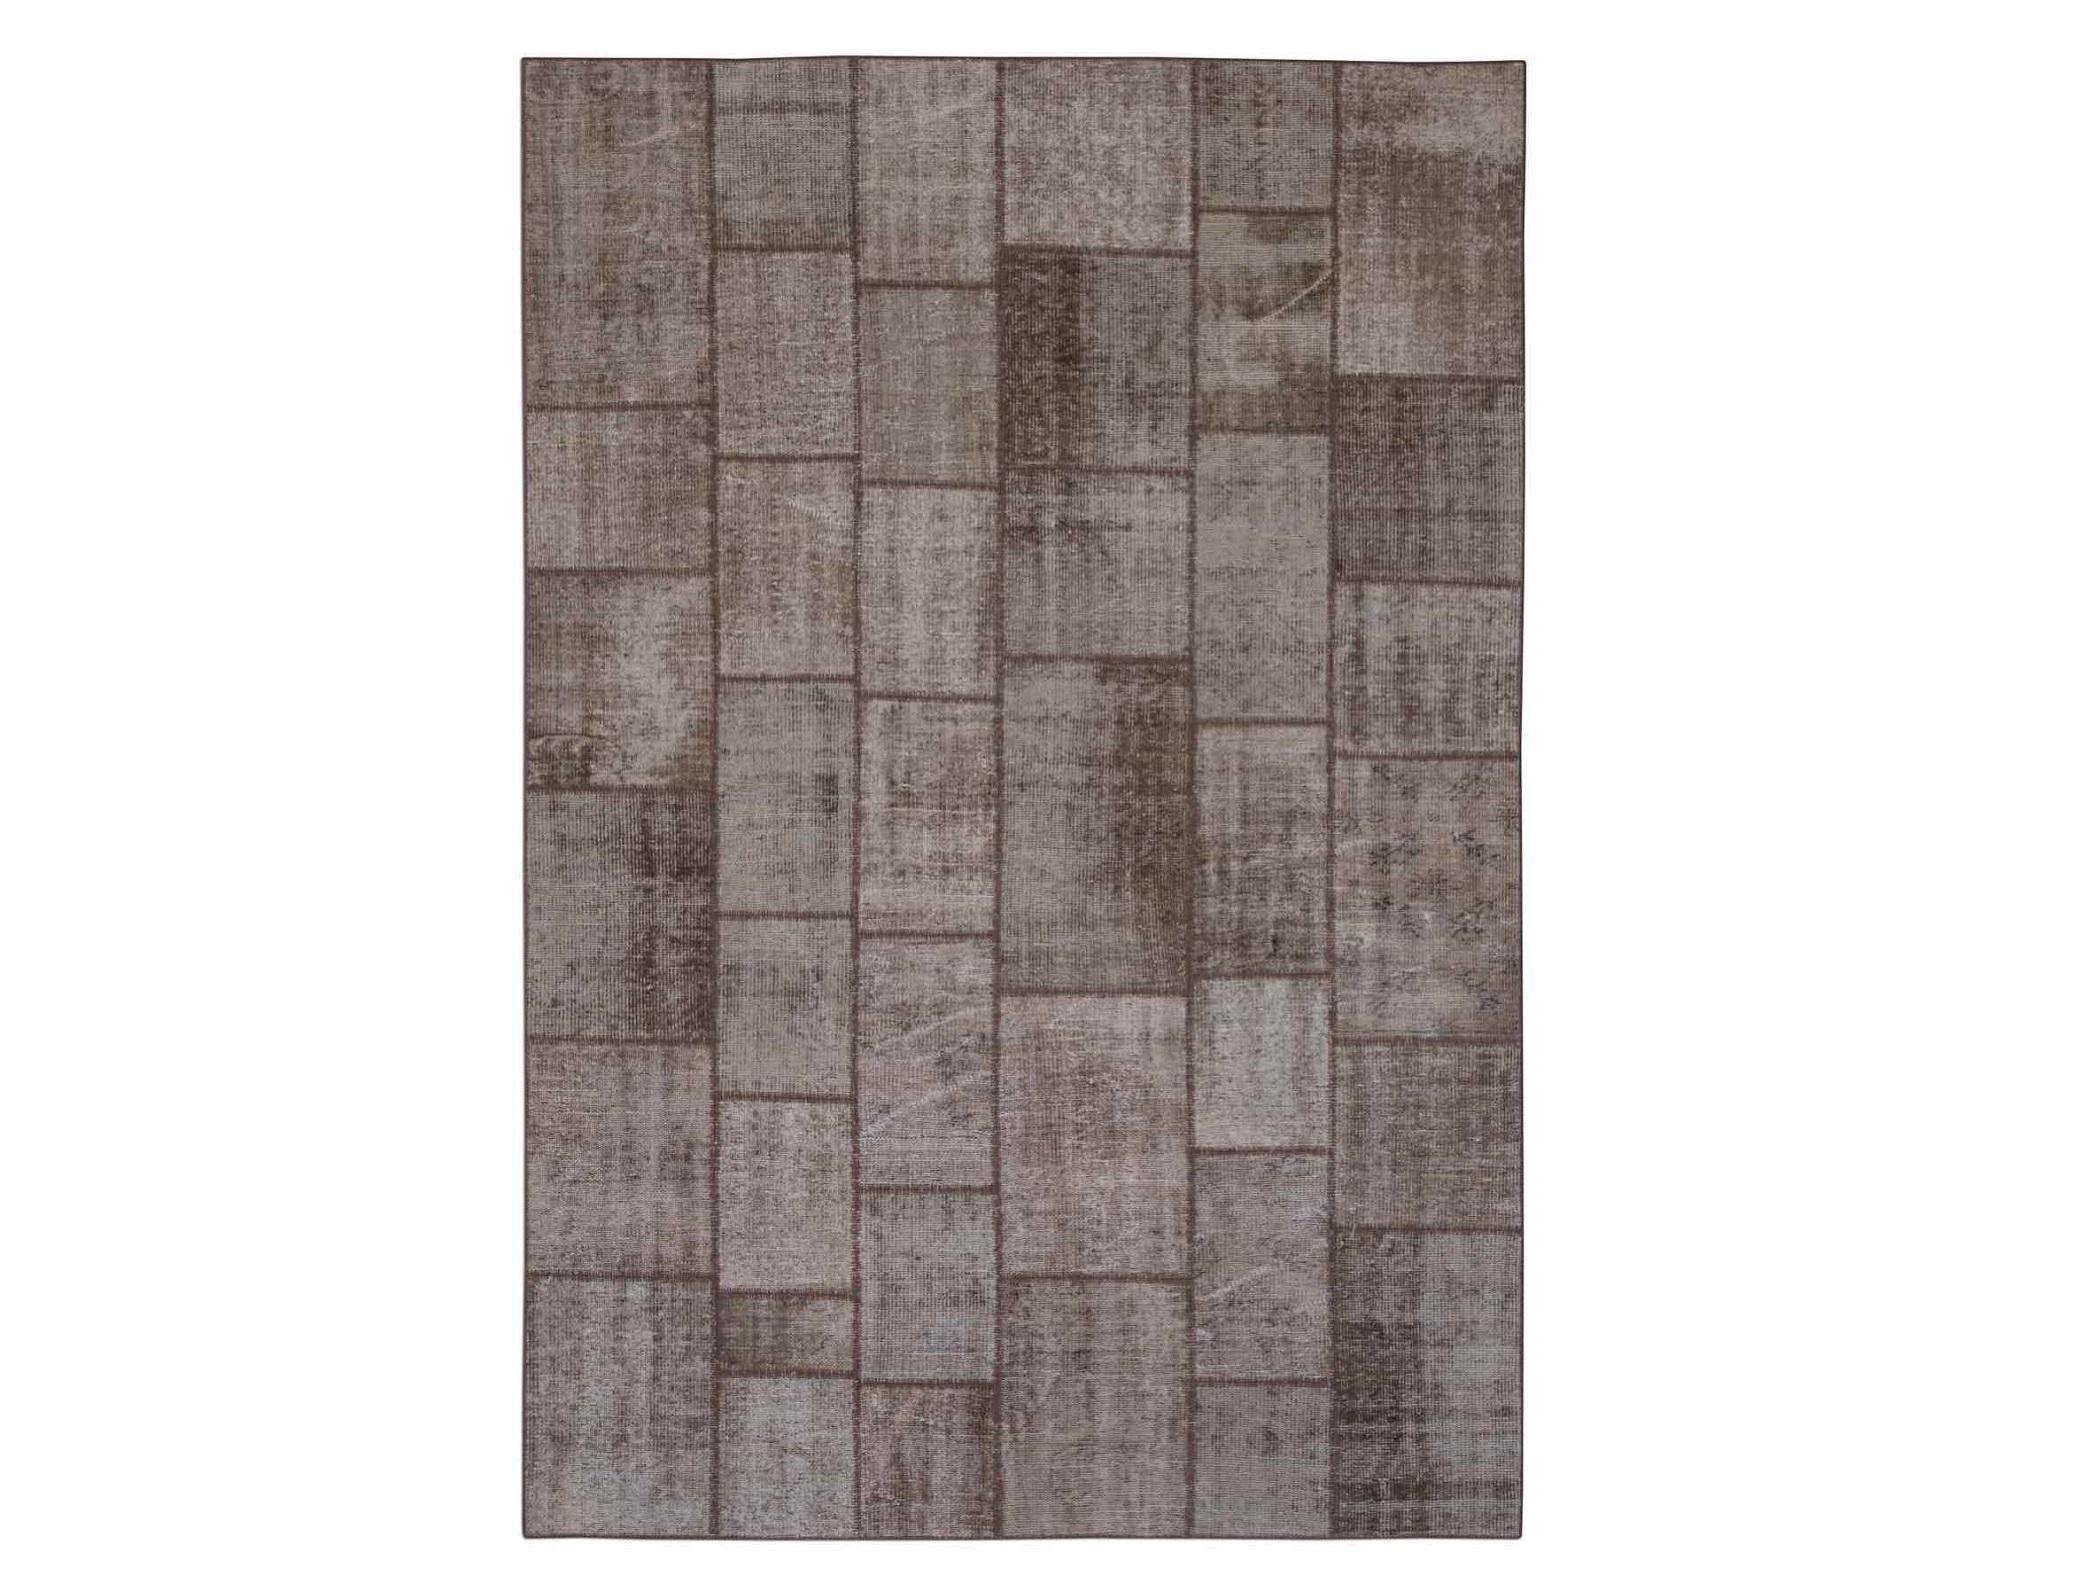 Ковер PatchworkПрямоугольные ковры<br>Винтажный ковер ручной работы в стиле &amp;quot;пэчворк&amp;quot; <br>из 100% шерсти. Ковер прекрасно подходит в <br>любые современные и классические интерьеры, <br>а благодаря тощине ковра всего 5 мм. и отсутствию <br>ворса, его легко чистить любыми видами пылесосов. <br>Этот настоящий ковер ручной работы не потеряет <br>своих красок и будет служить десятилетия.<br><br>Material: Шерсть<br>Width см: 202<br>Depth см: 297